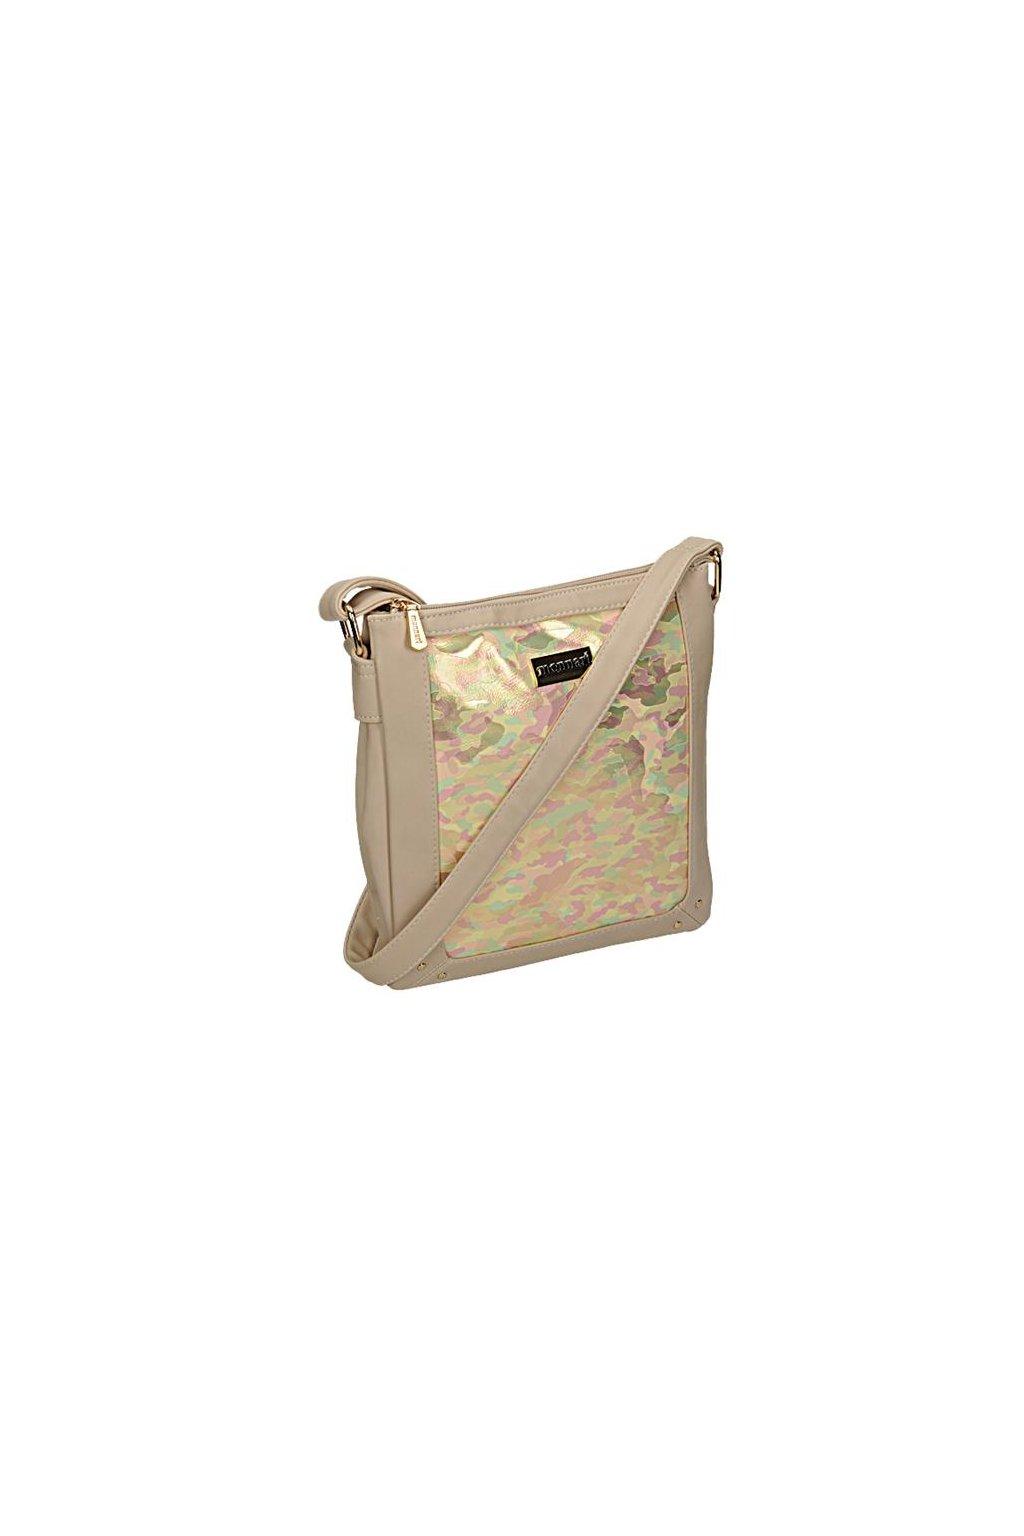 Béžová crossbody kabelka MONNARI BAG 1690-015 W18  280e370dcf2